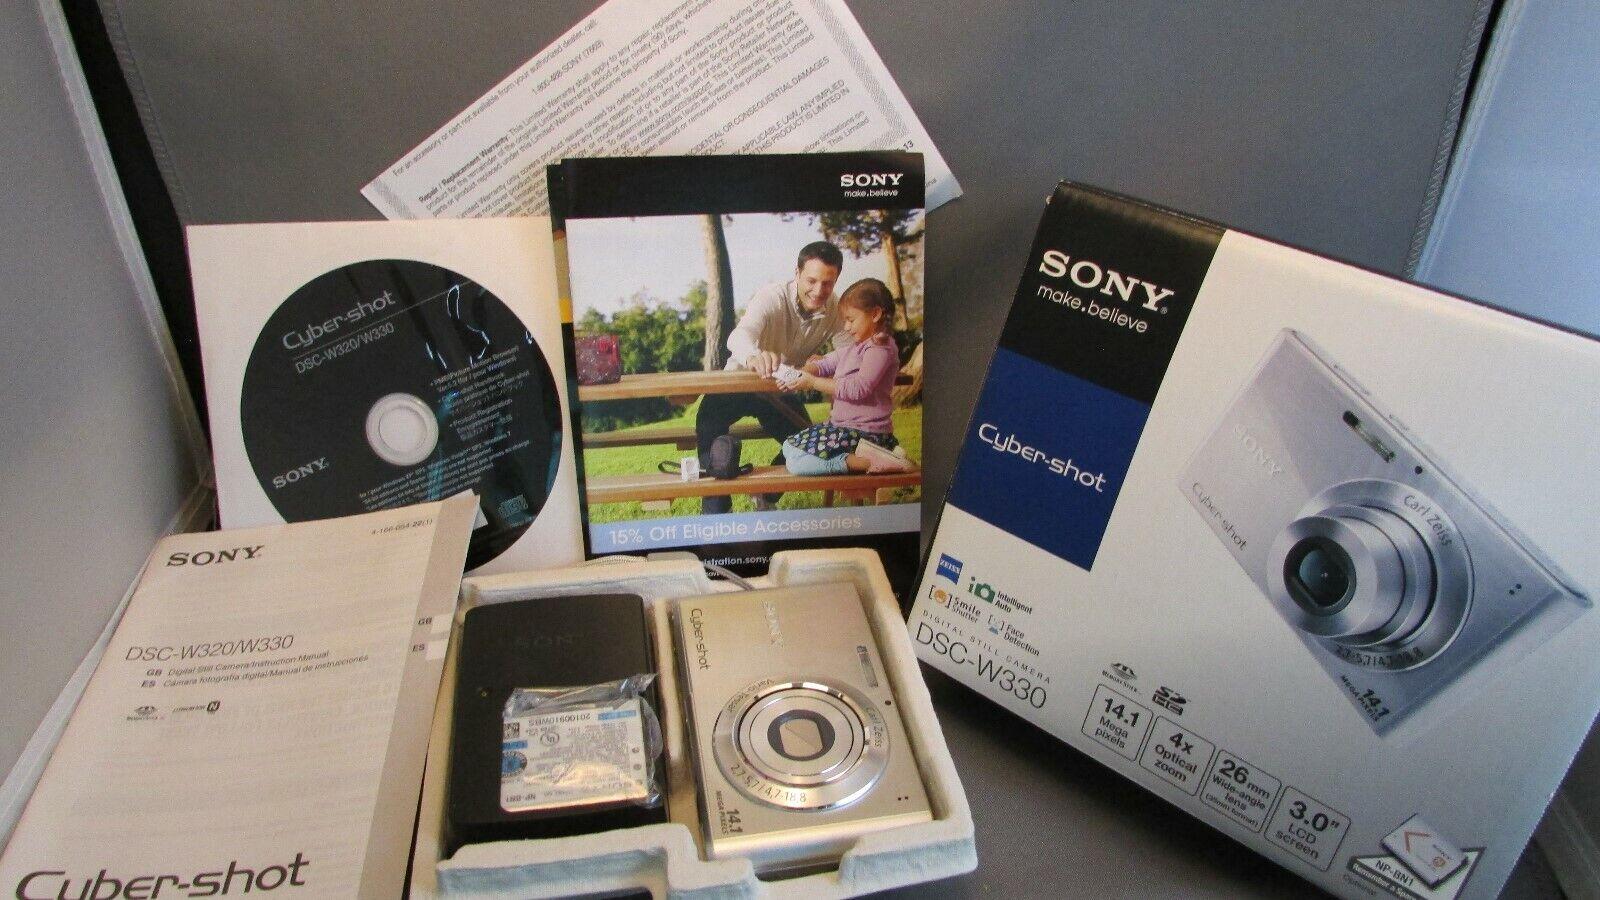 Sony Cyber-shot DSC-W330 14.1MP Digital Camera -silver- New Open Box  - $99.00